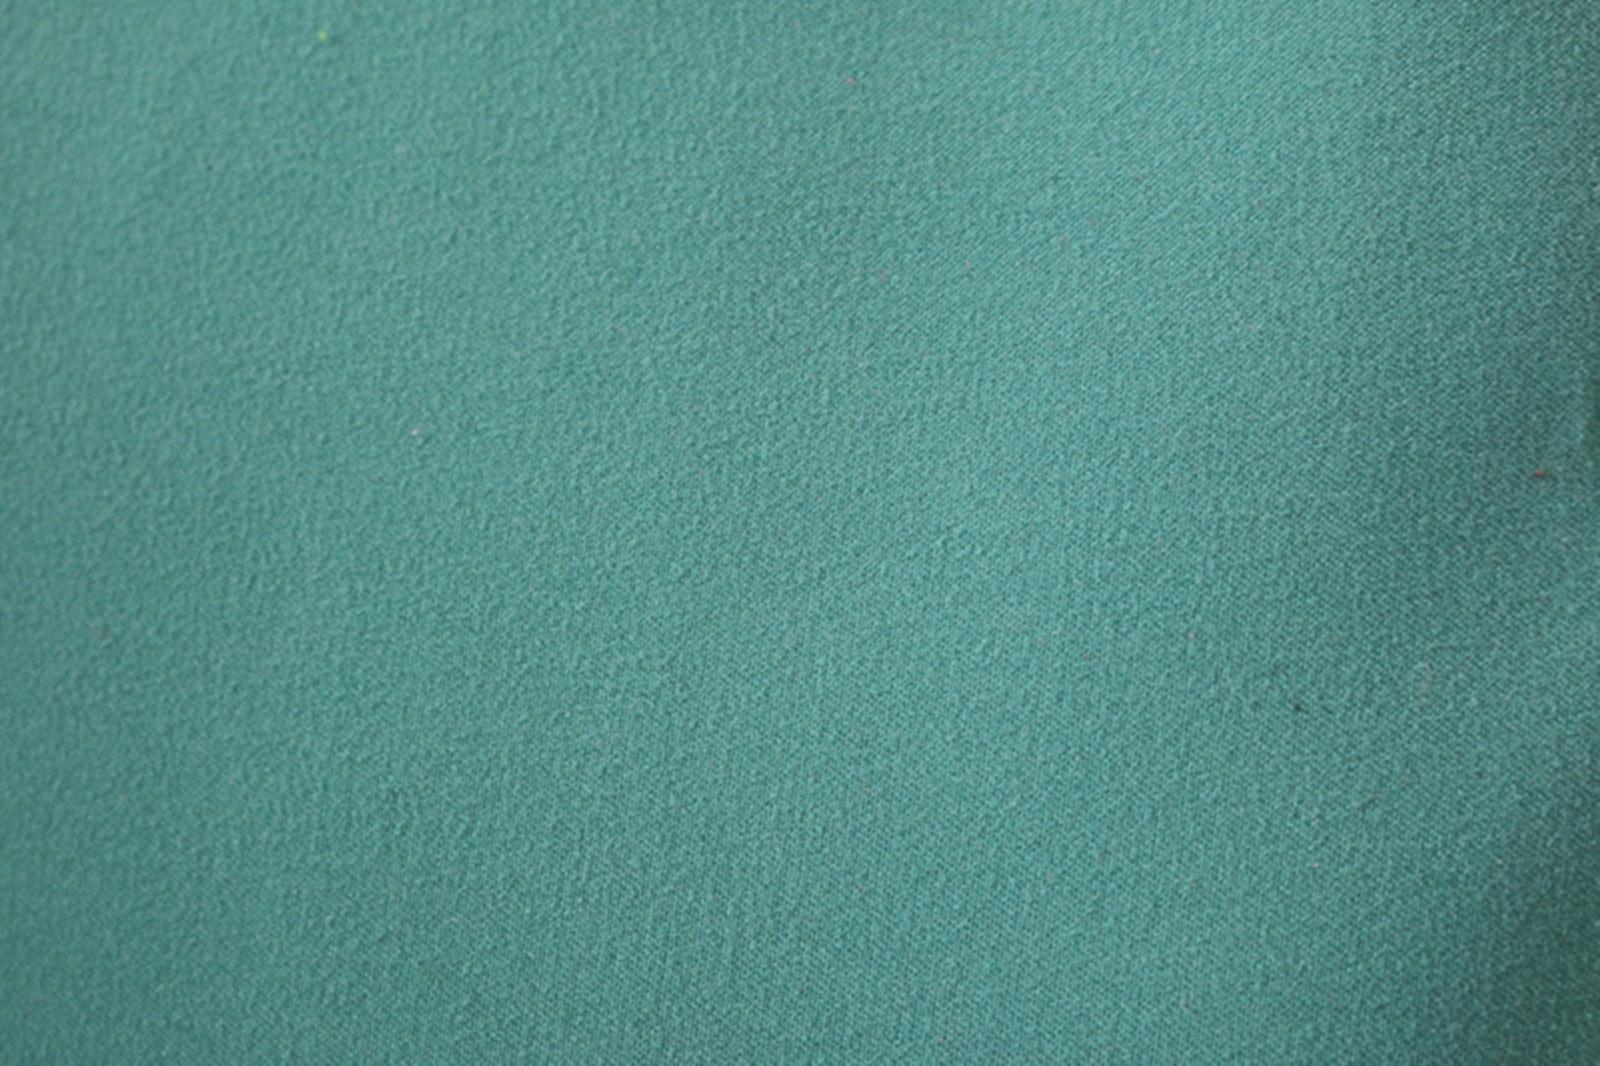 新款涤纶斜纹桃皮绒 儿童抱枕口袋面料 环保染色图片一